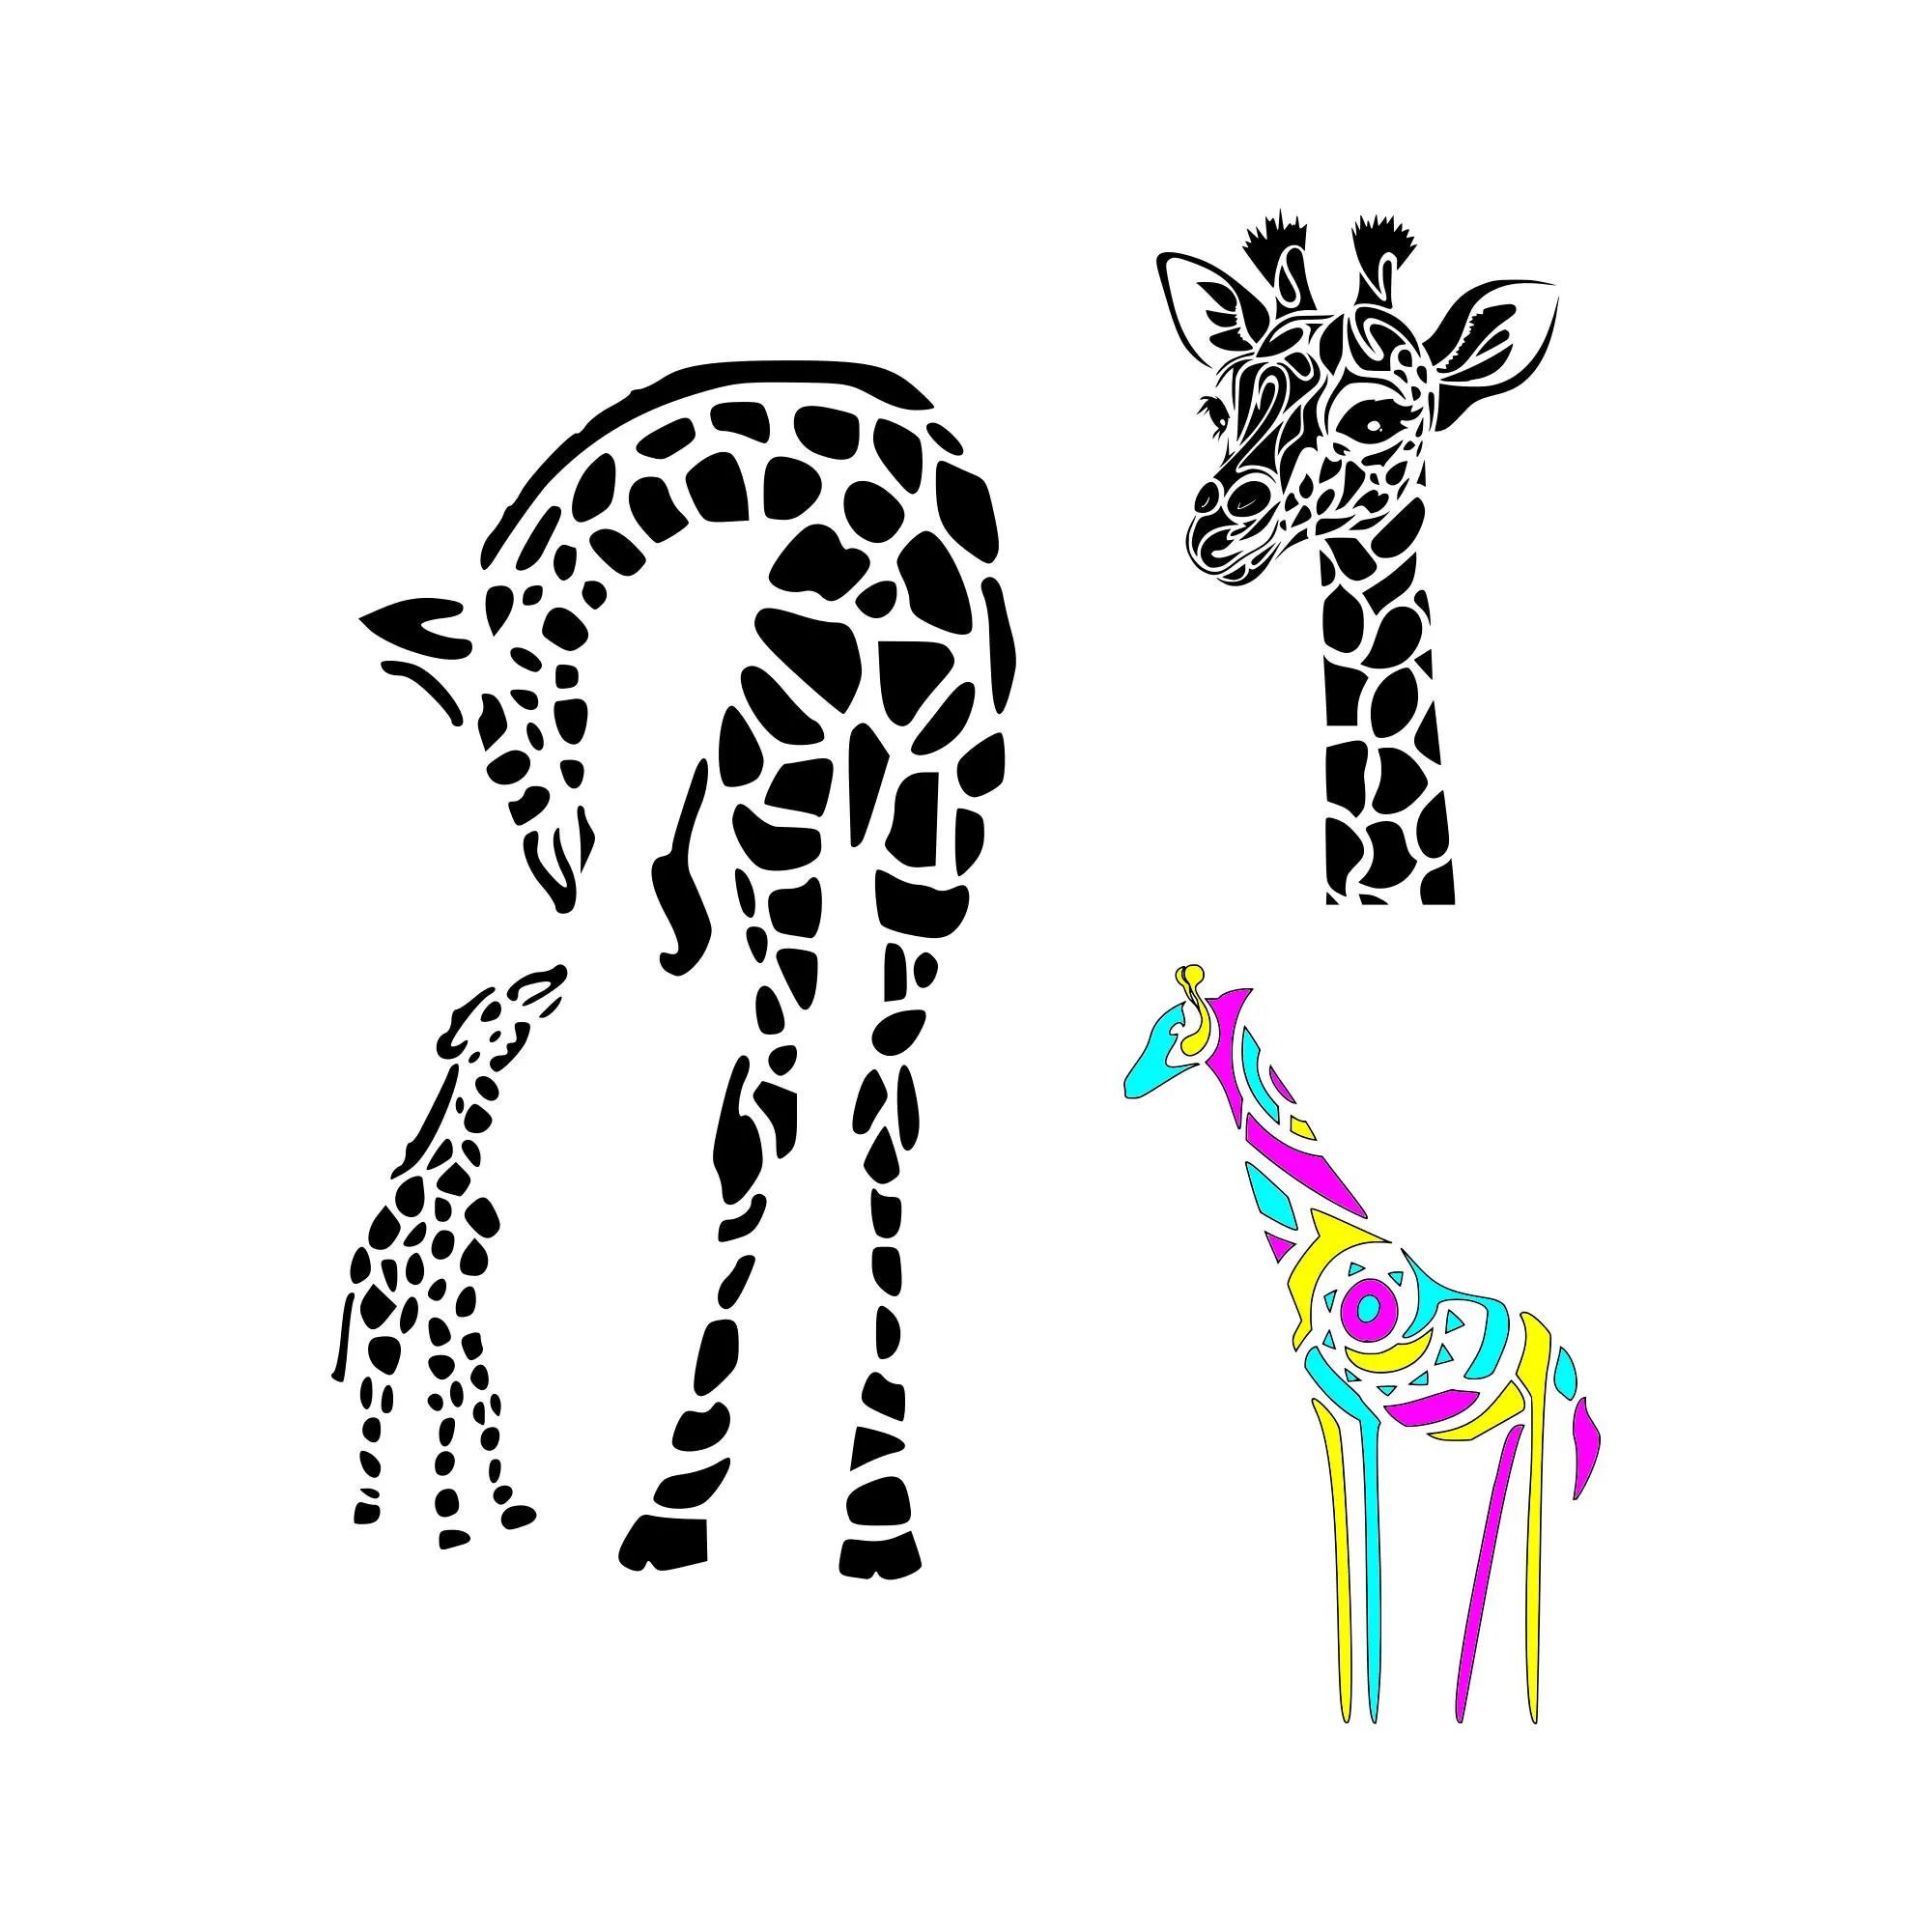 Giraffe Svg Mom And Baby Giraffe Svg Giraffe Print Svg Giraffe